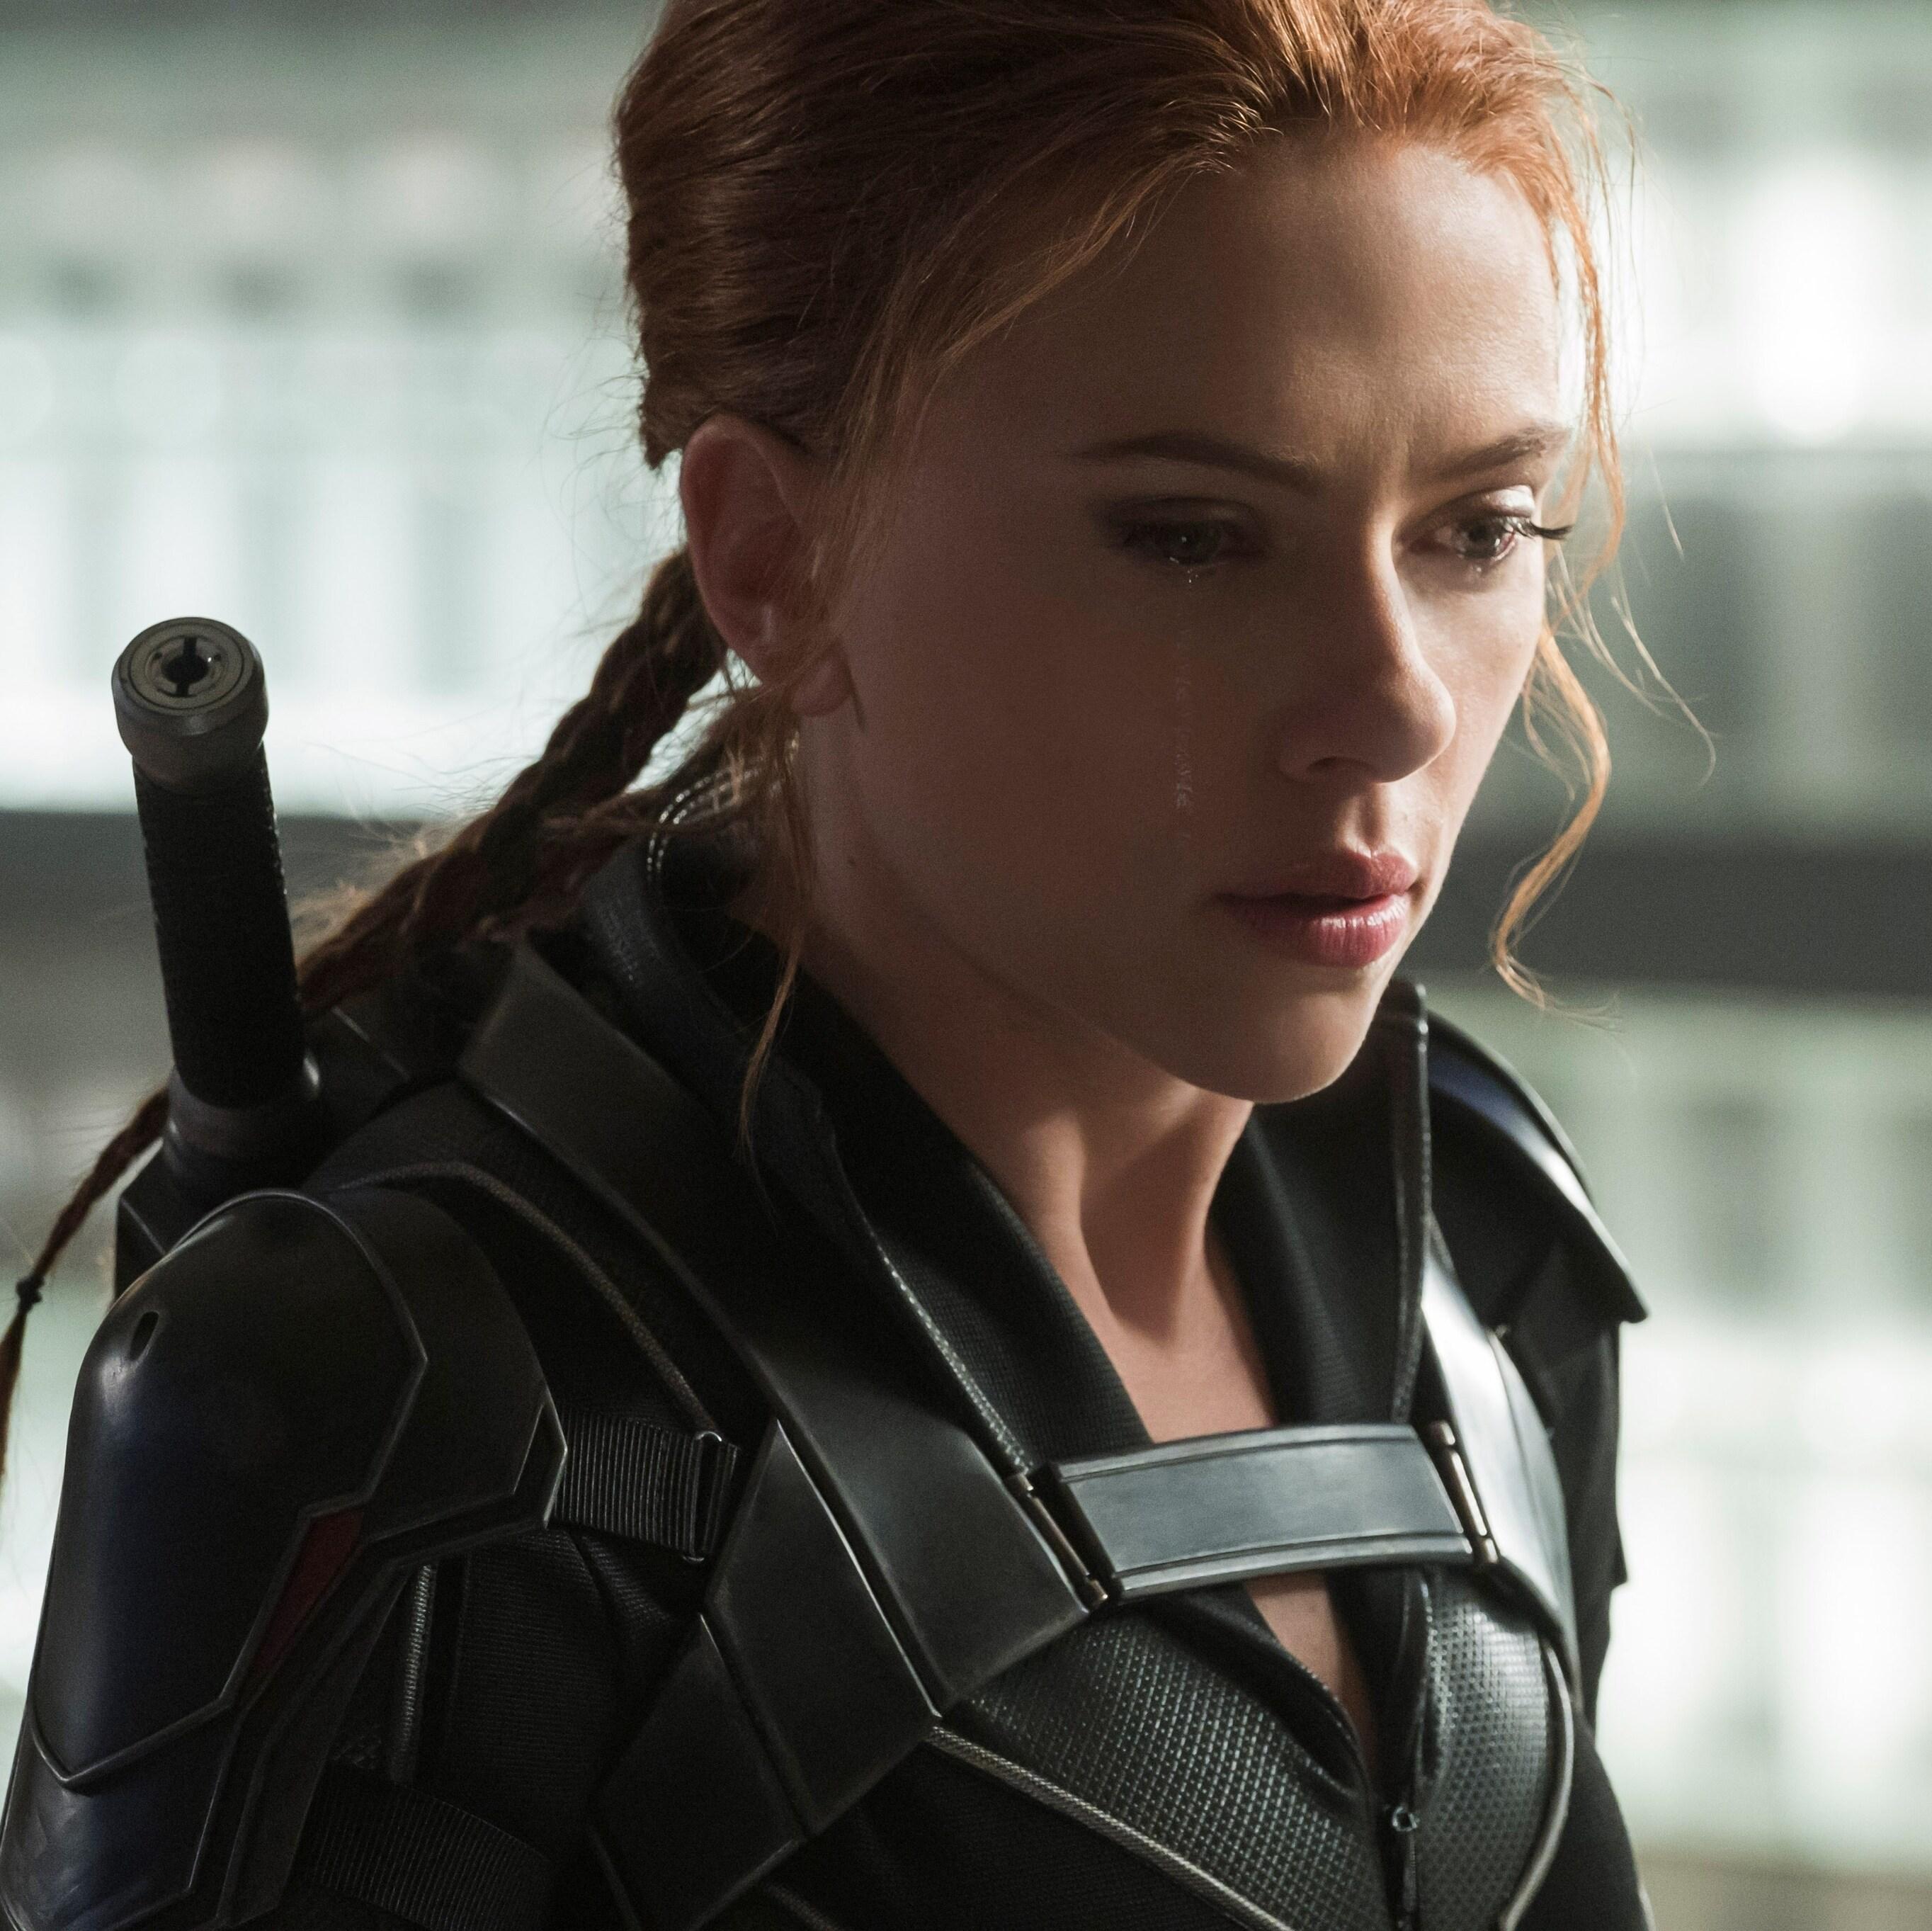 Scarlett Johansson y la evolución de su personaje,  Natasha Romanoff, de Iron Man 2 a Black Widow